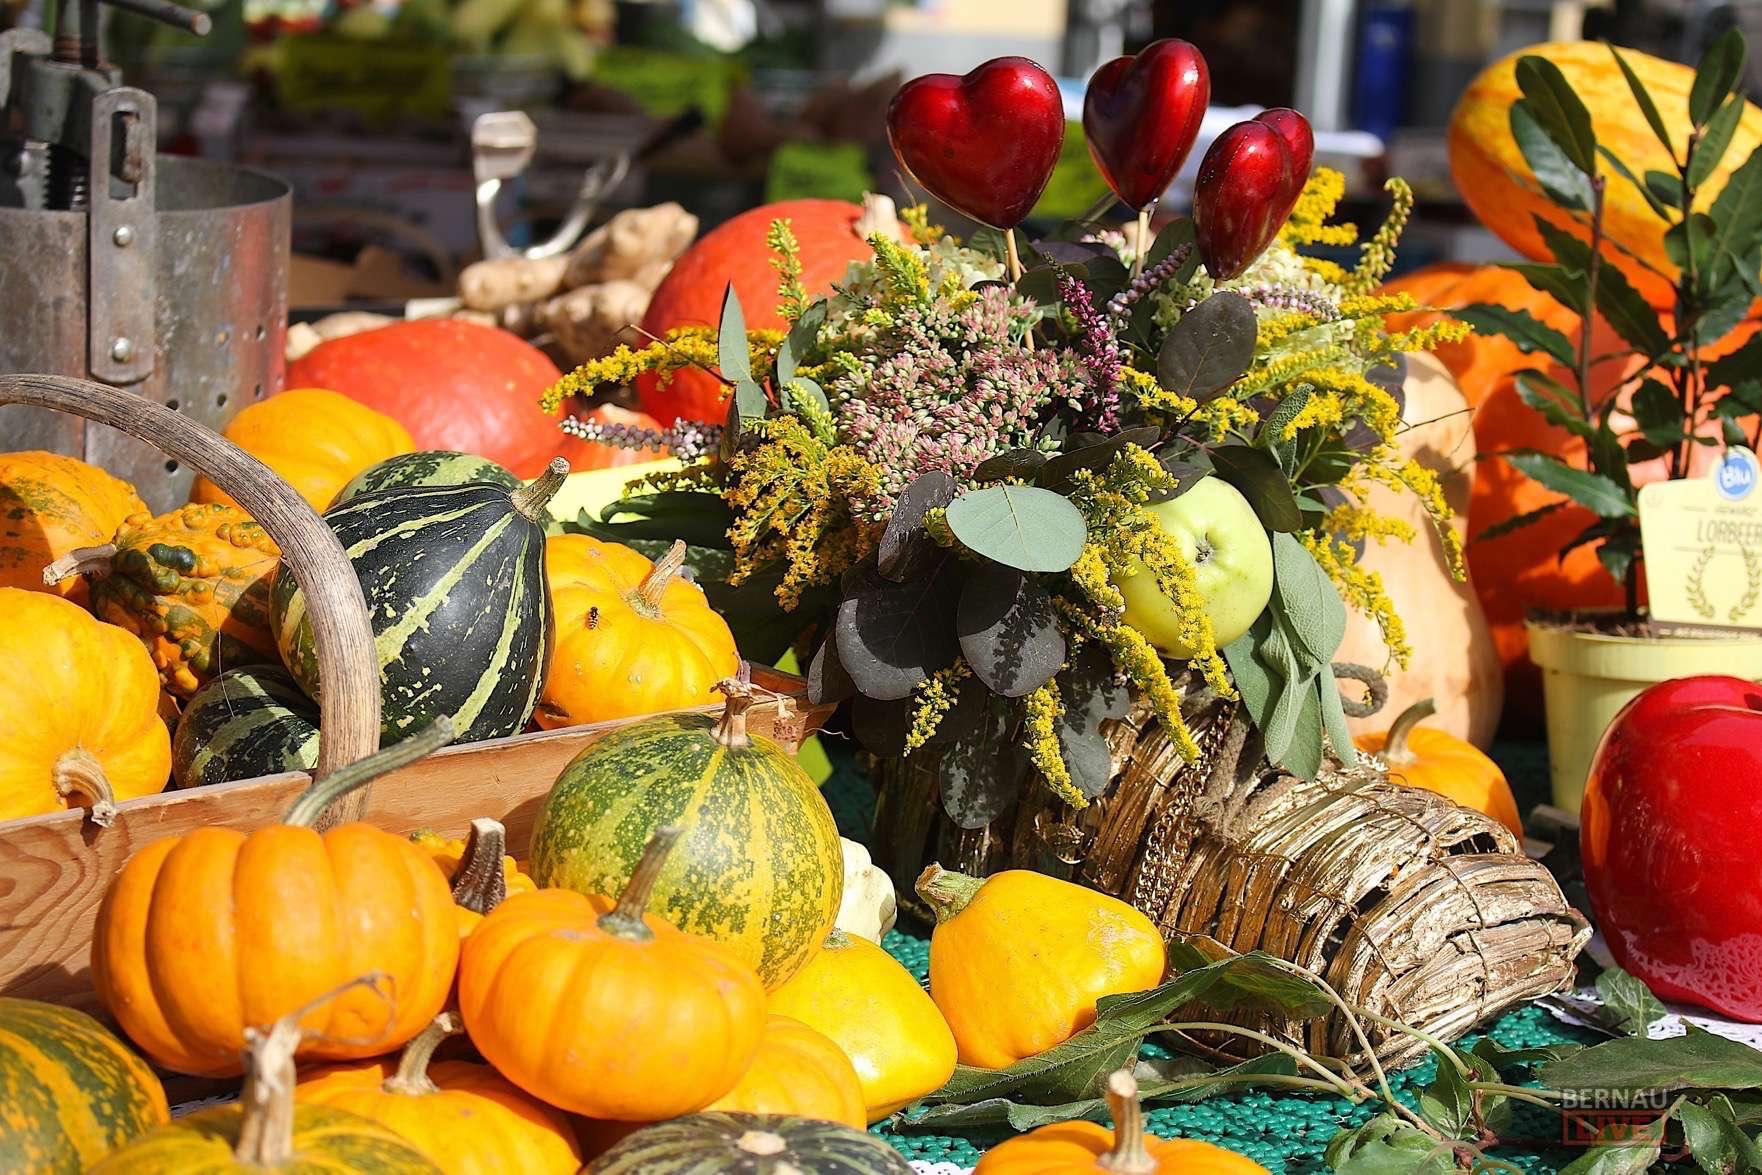 Bernau: Bernauer Spezialmarkt am Samstag lässt wieder hoffen